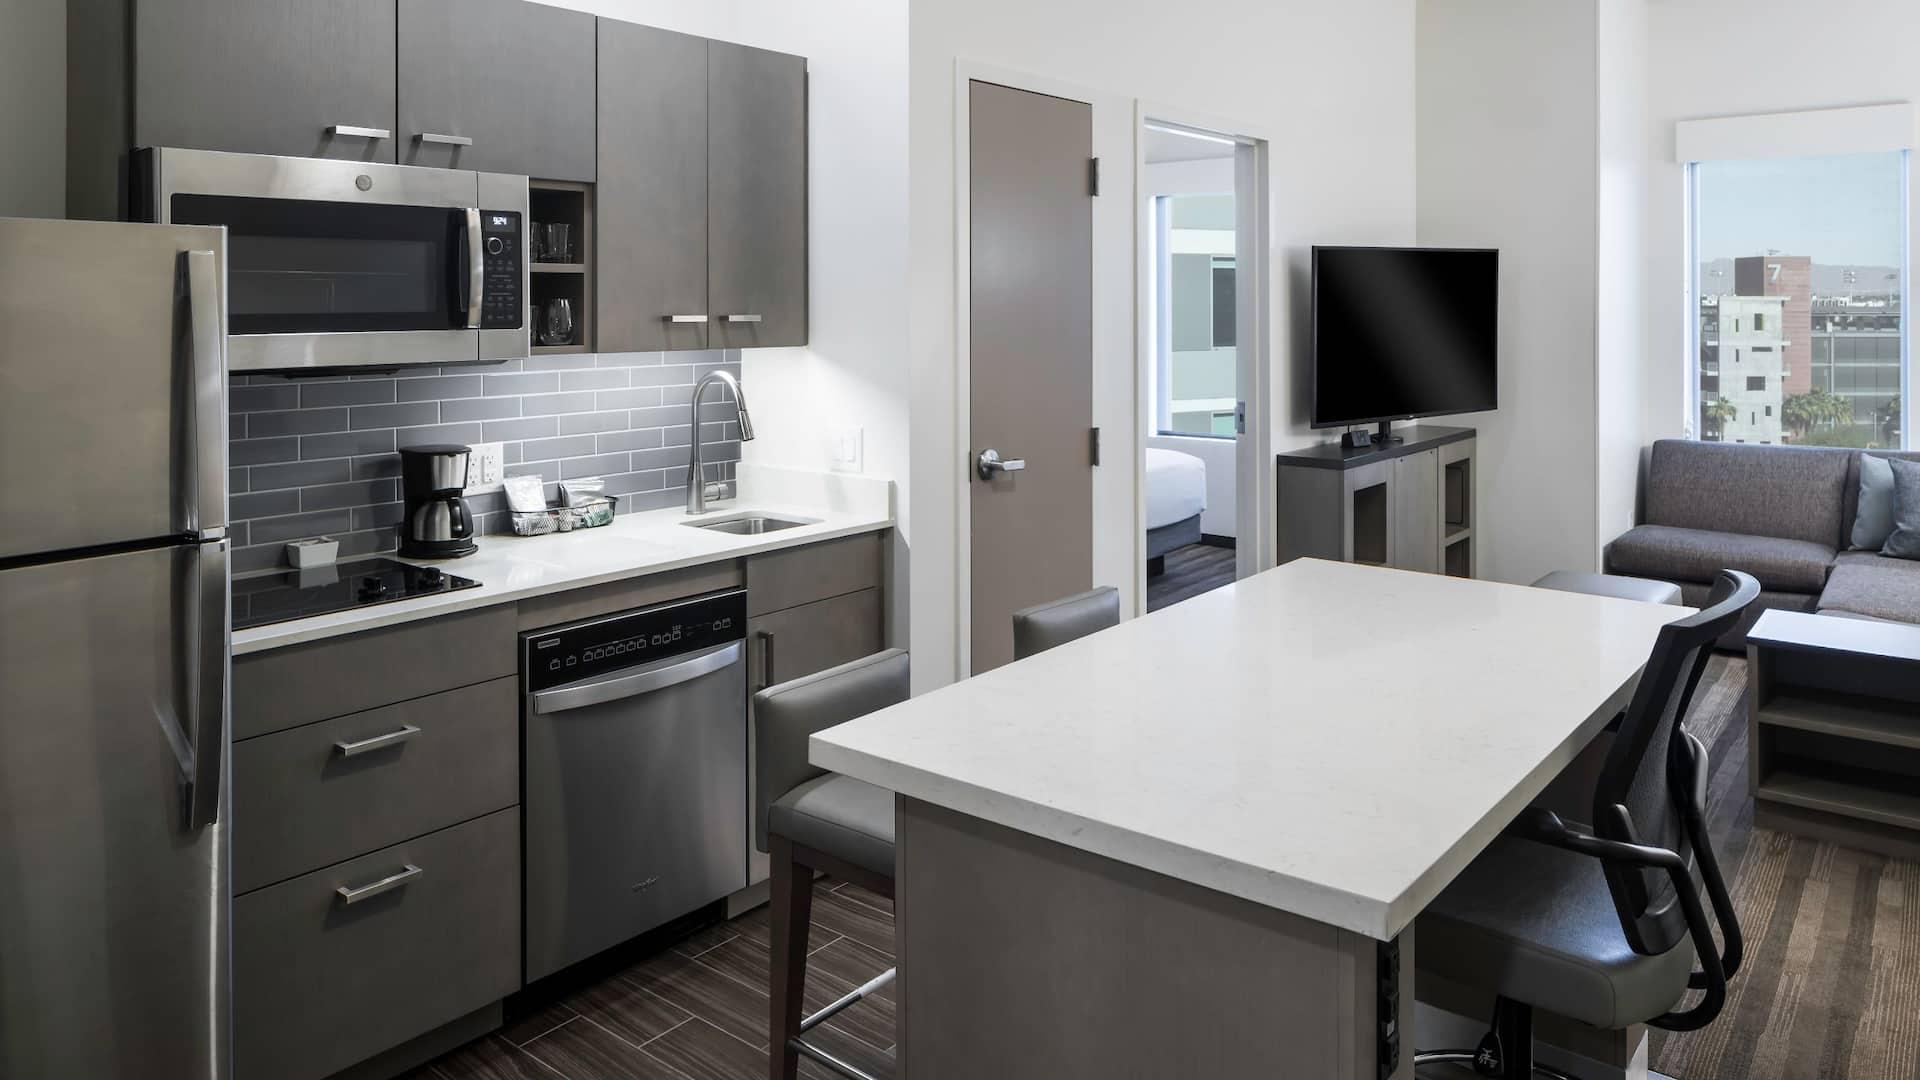 Hyatt House One Bedroom Kitchen